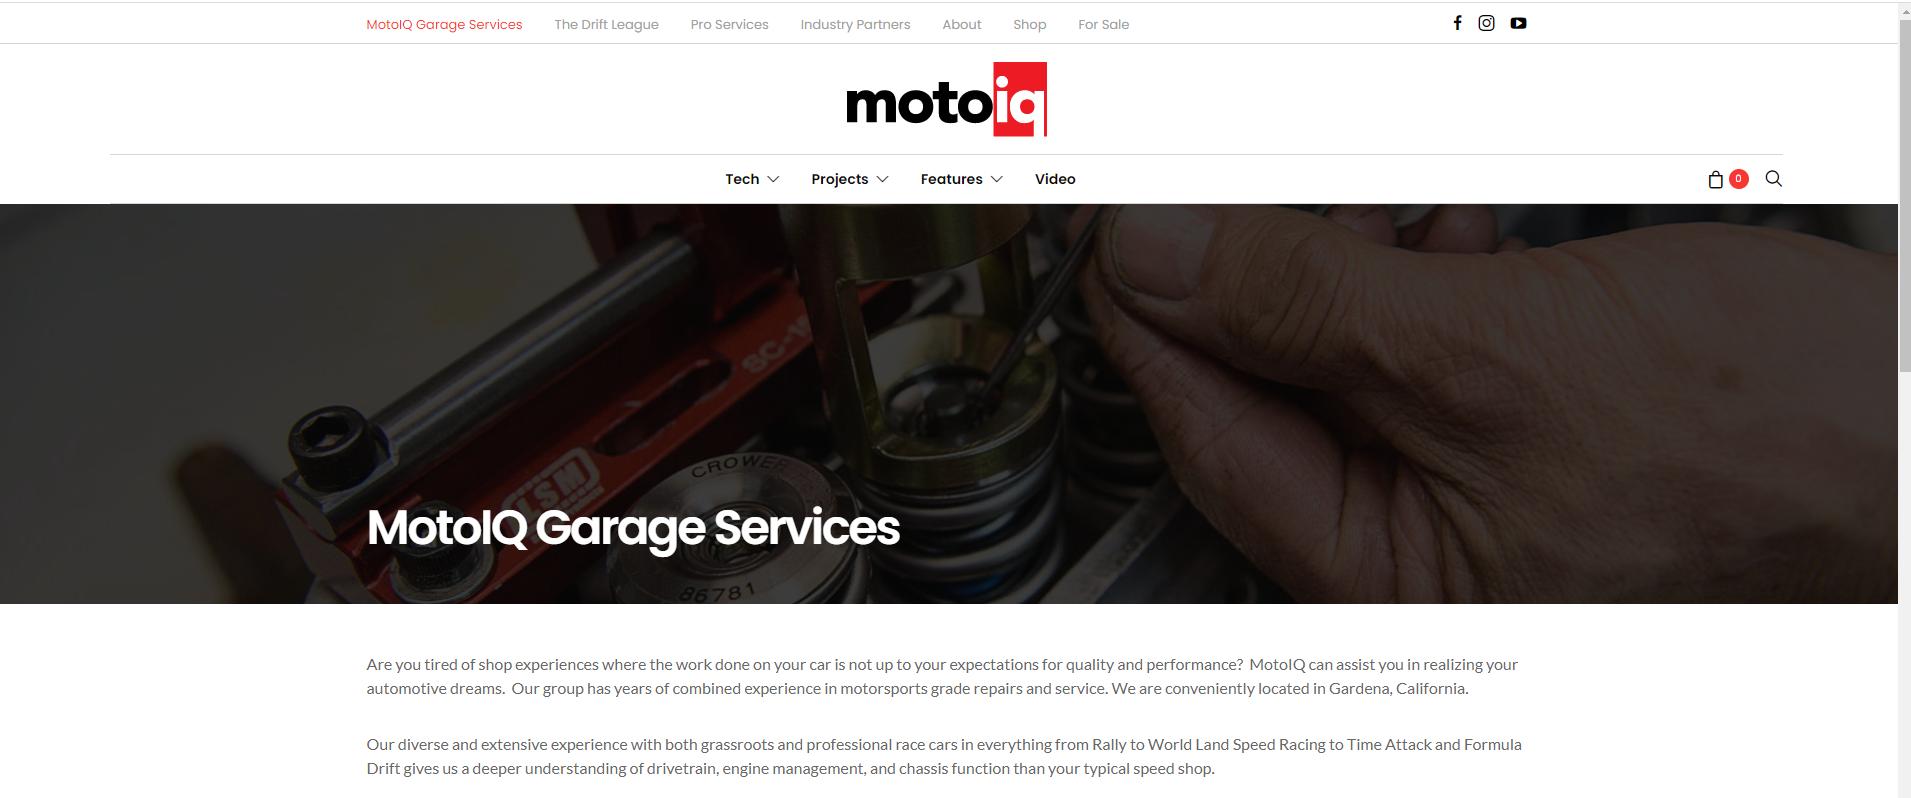 MotoIQ Garage services